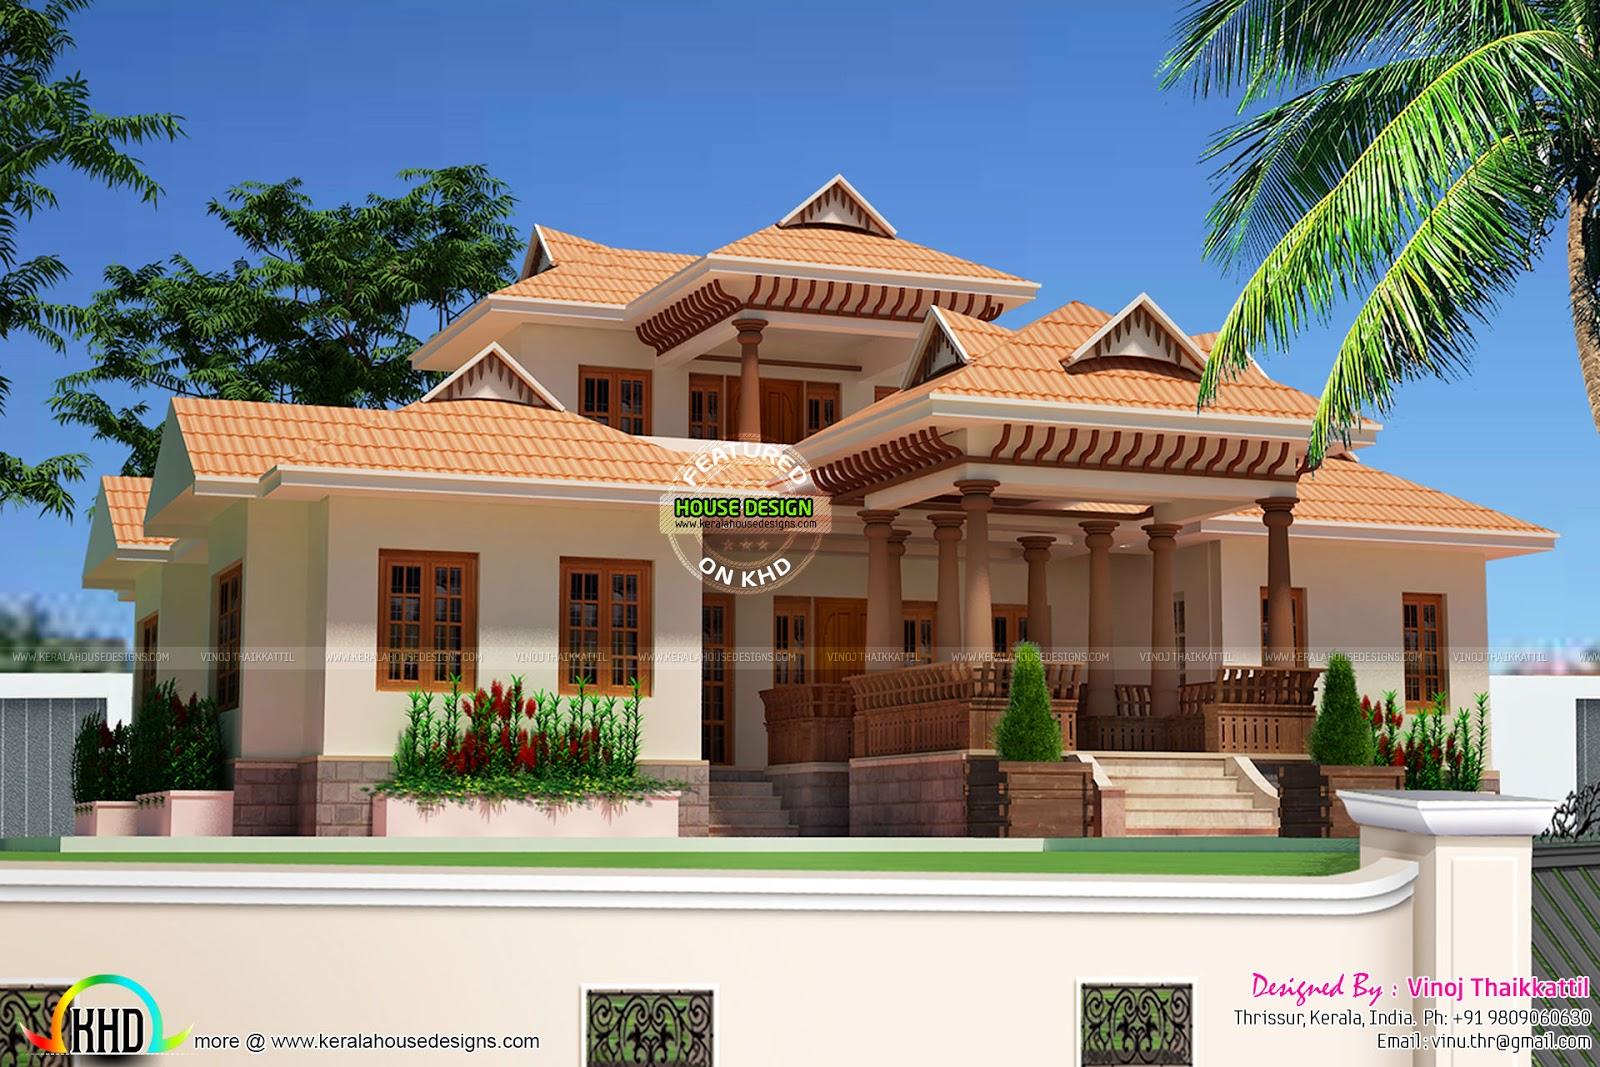 2325 Sqft Kerala Traditional Design 4bed room villa Kerala home